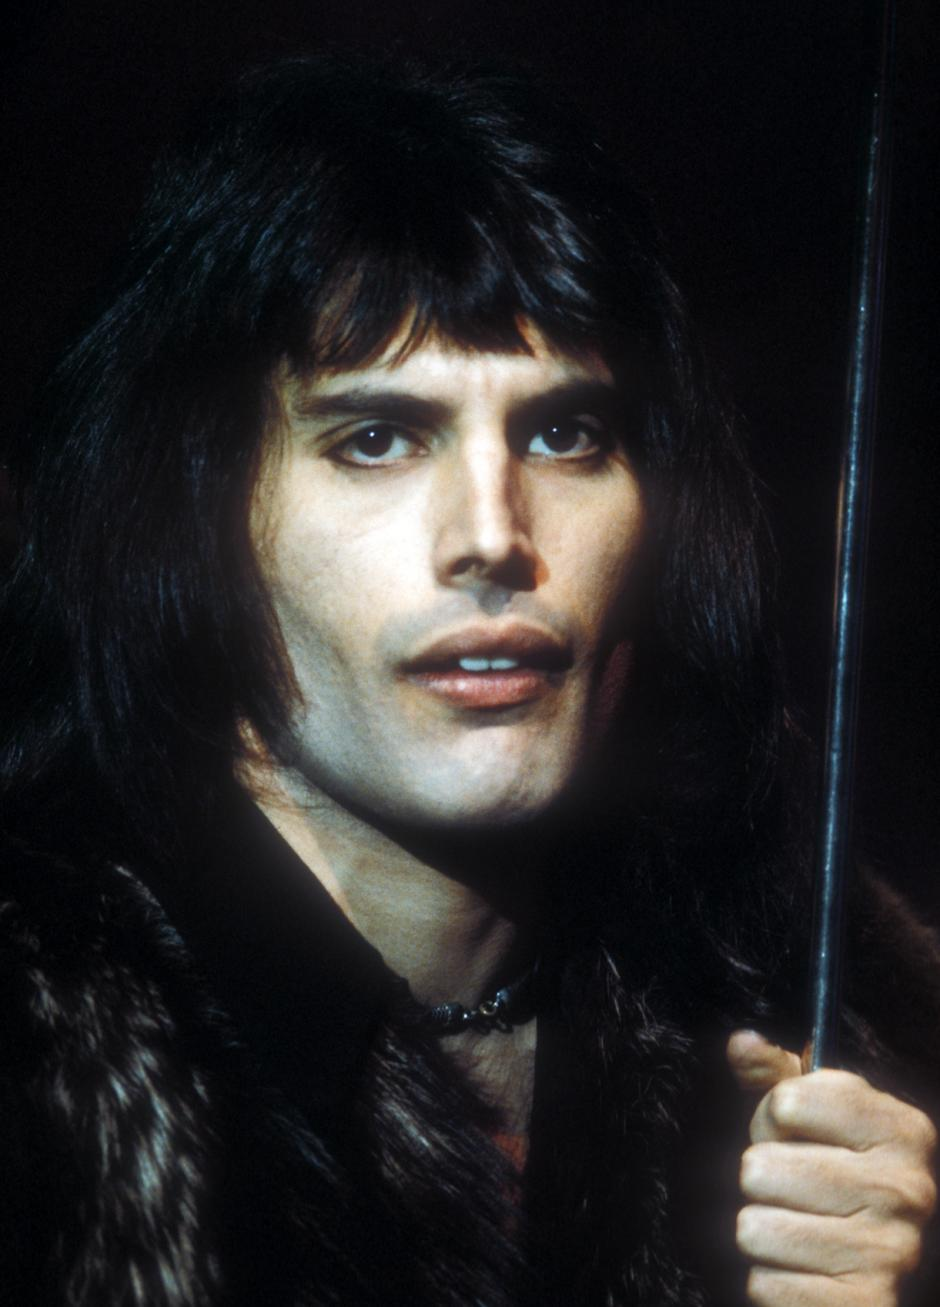 """""""Bohemian Rhapsody"""" y """"We Are The Champions"""" son las melodías sobresalientes de la agrupación Queen. (Foto: myfreddiemercury.com)"""